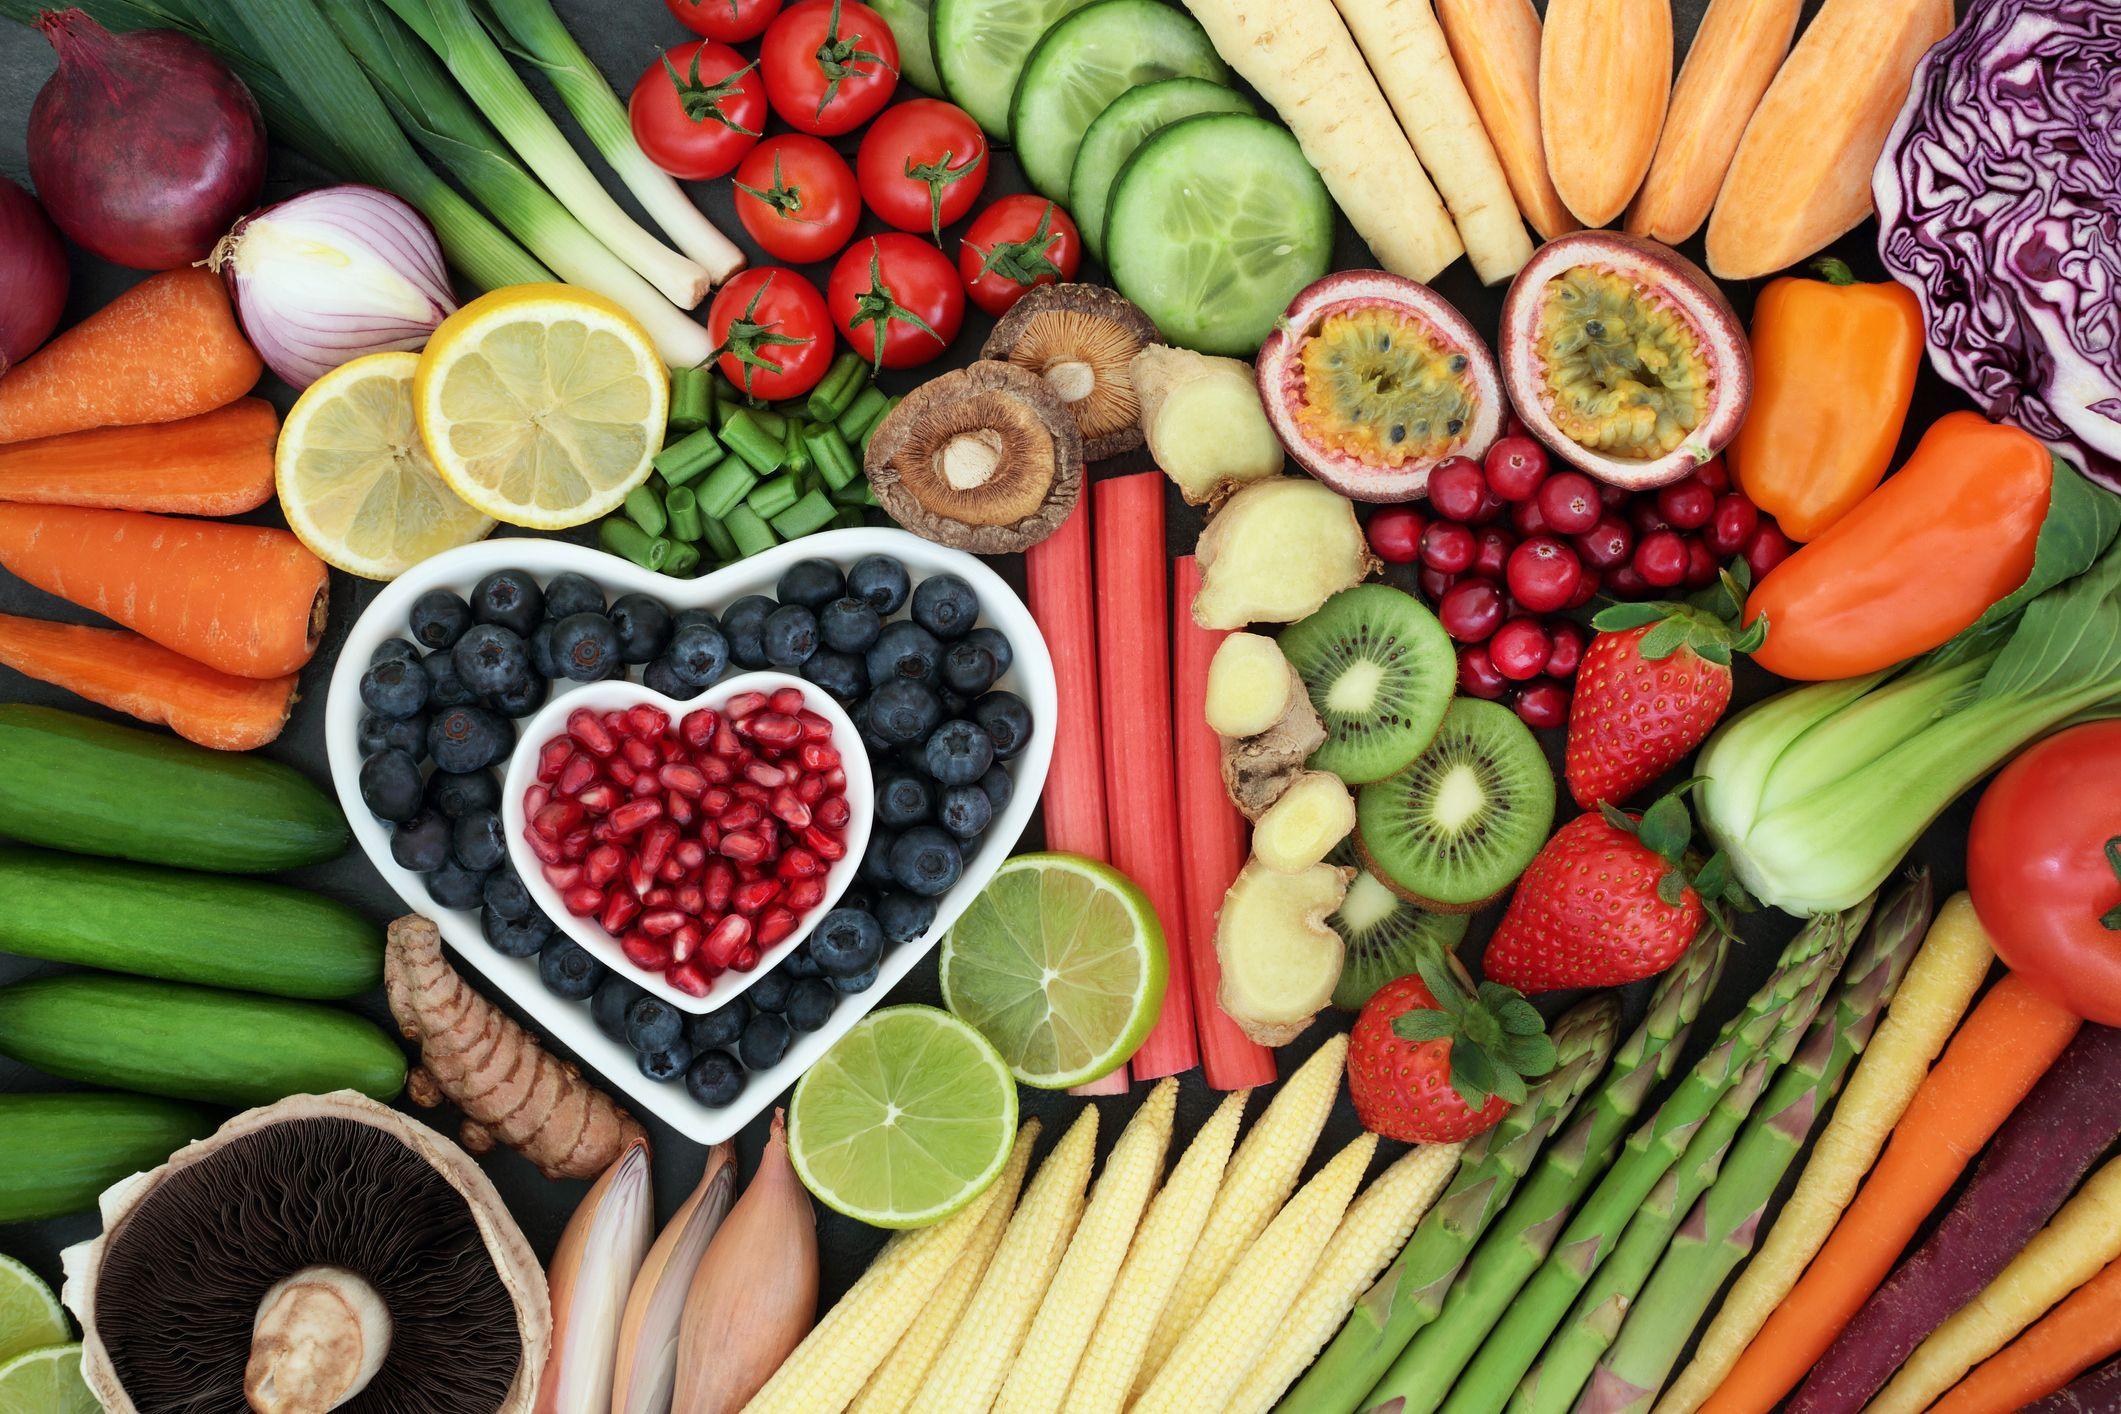 الطعام الصحي.. الملاذ الآمن حتى وإن كنت مفلسا